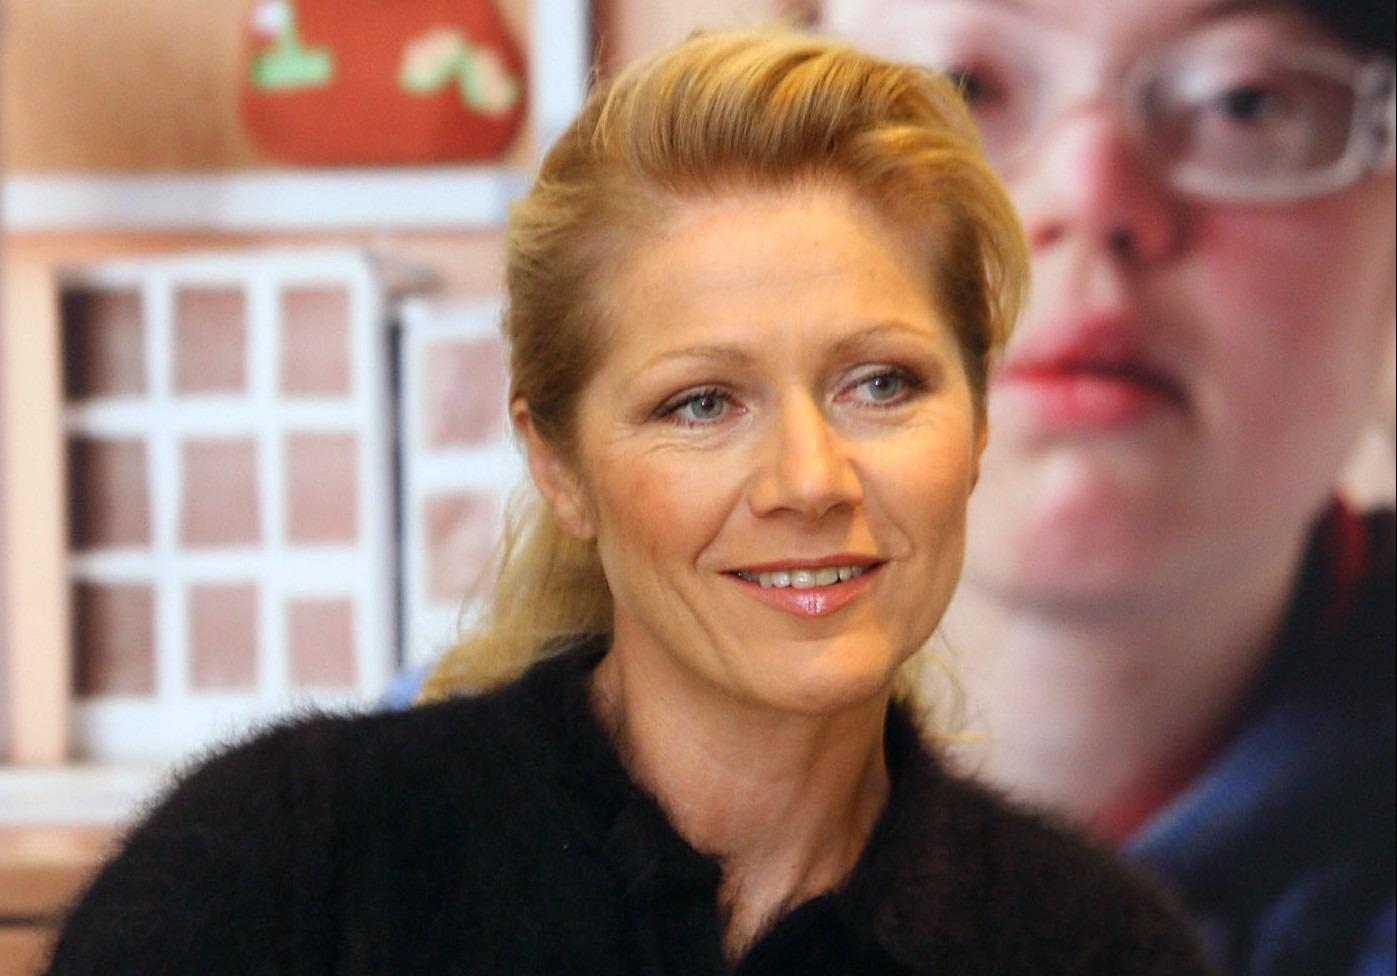 Barbara Kolar